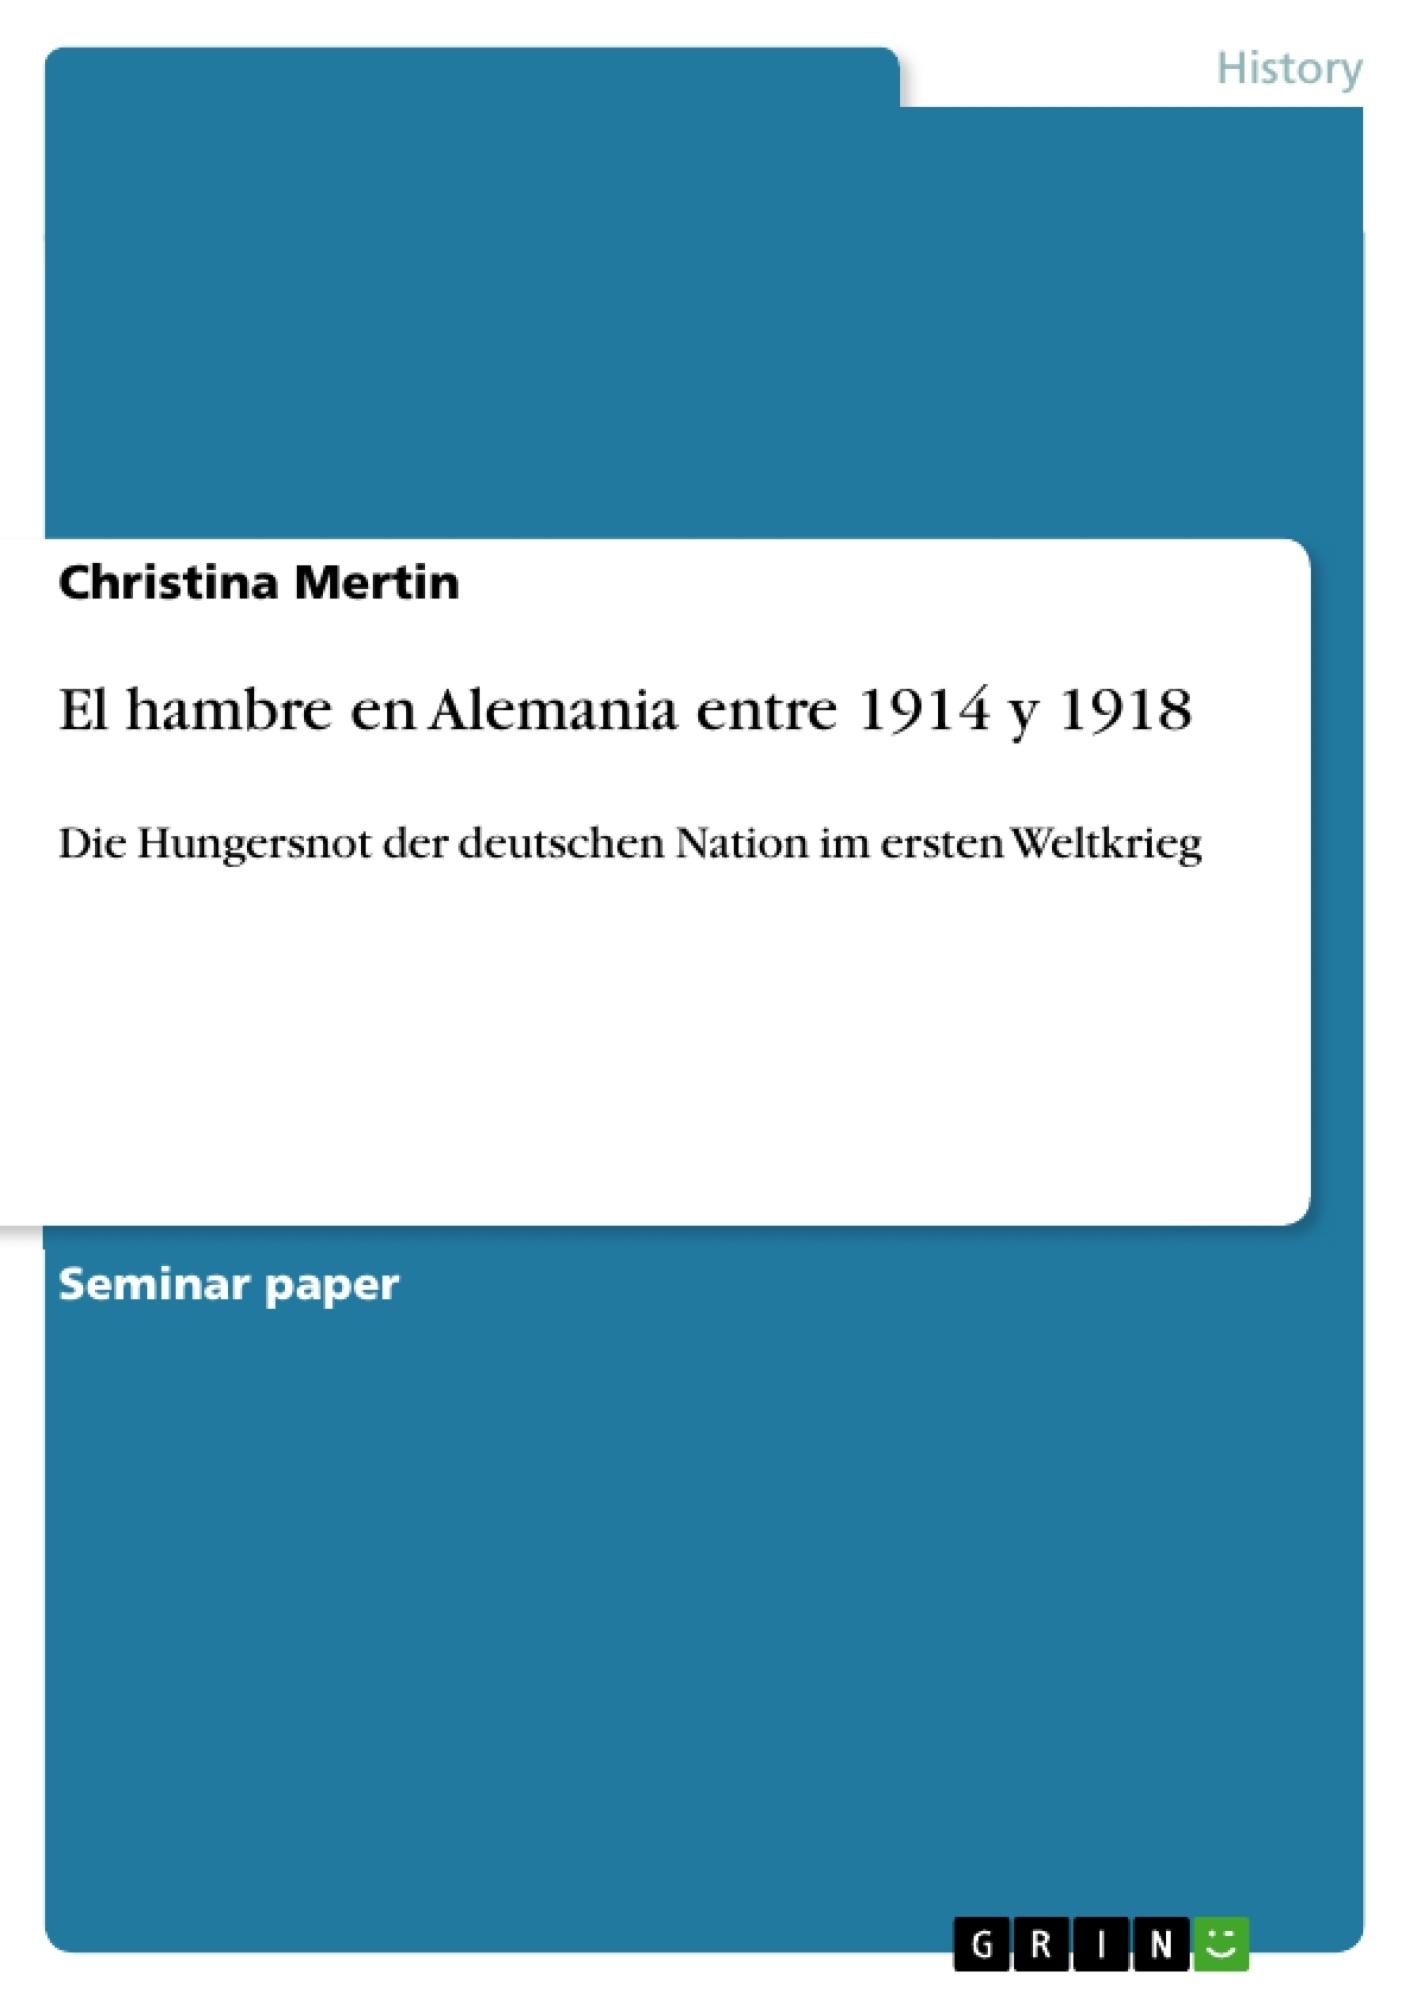 Título: El hambre en Alemania entre 1914 y 1918